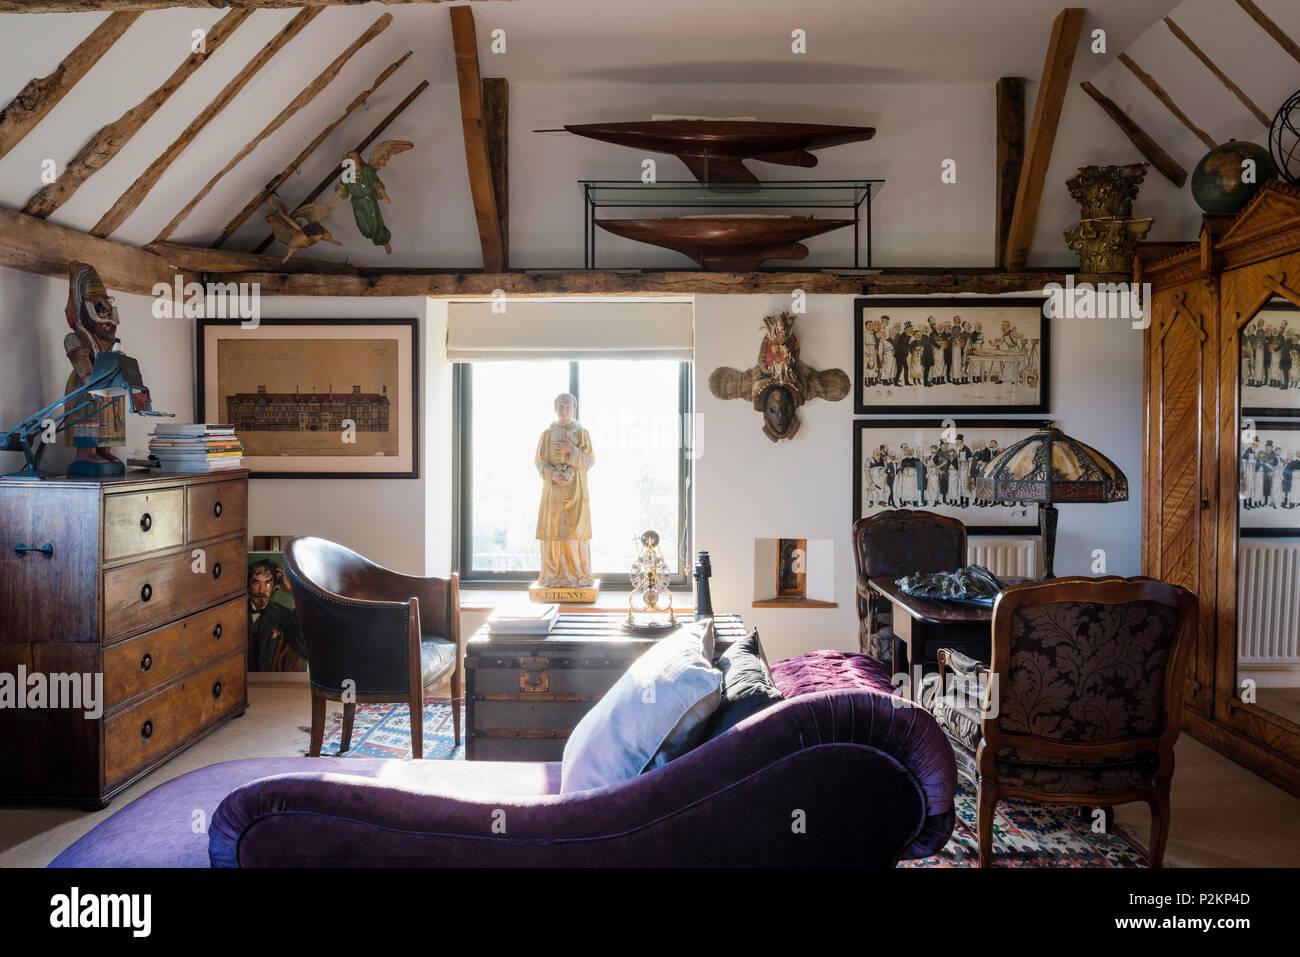 Lampada Scrivania Viola : Viola chaise longue con statua in finestra e scrivania illuminata da